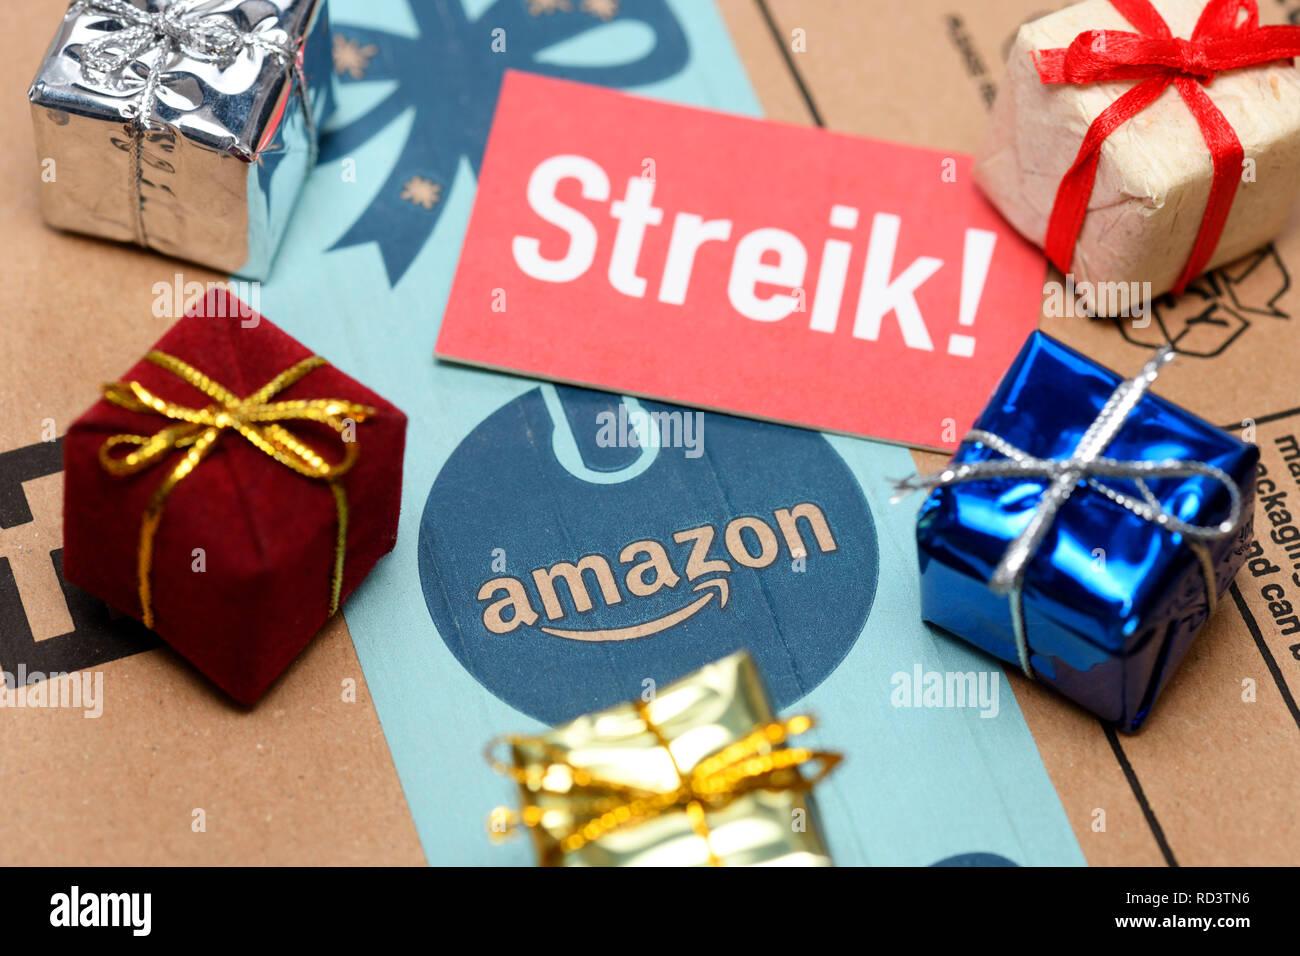 Strike sign and presents on Amazon package, Streik-Schild und Geschenke auf Amazon-Paket - Stock Image